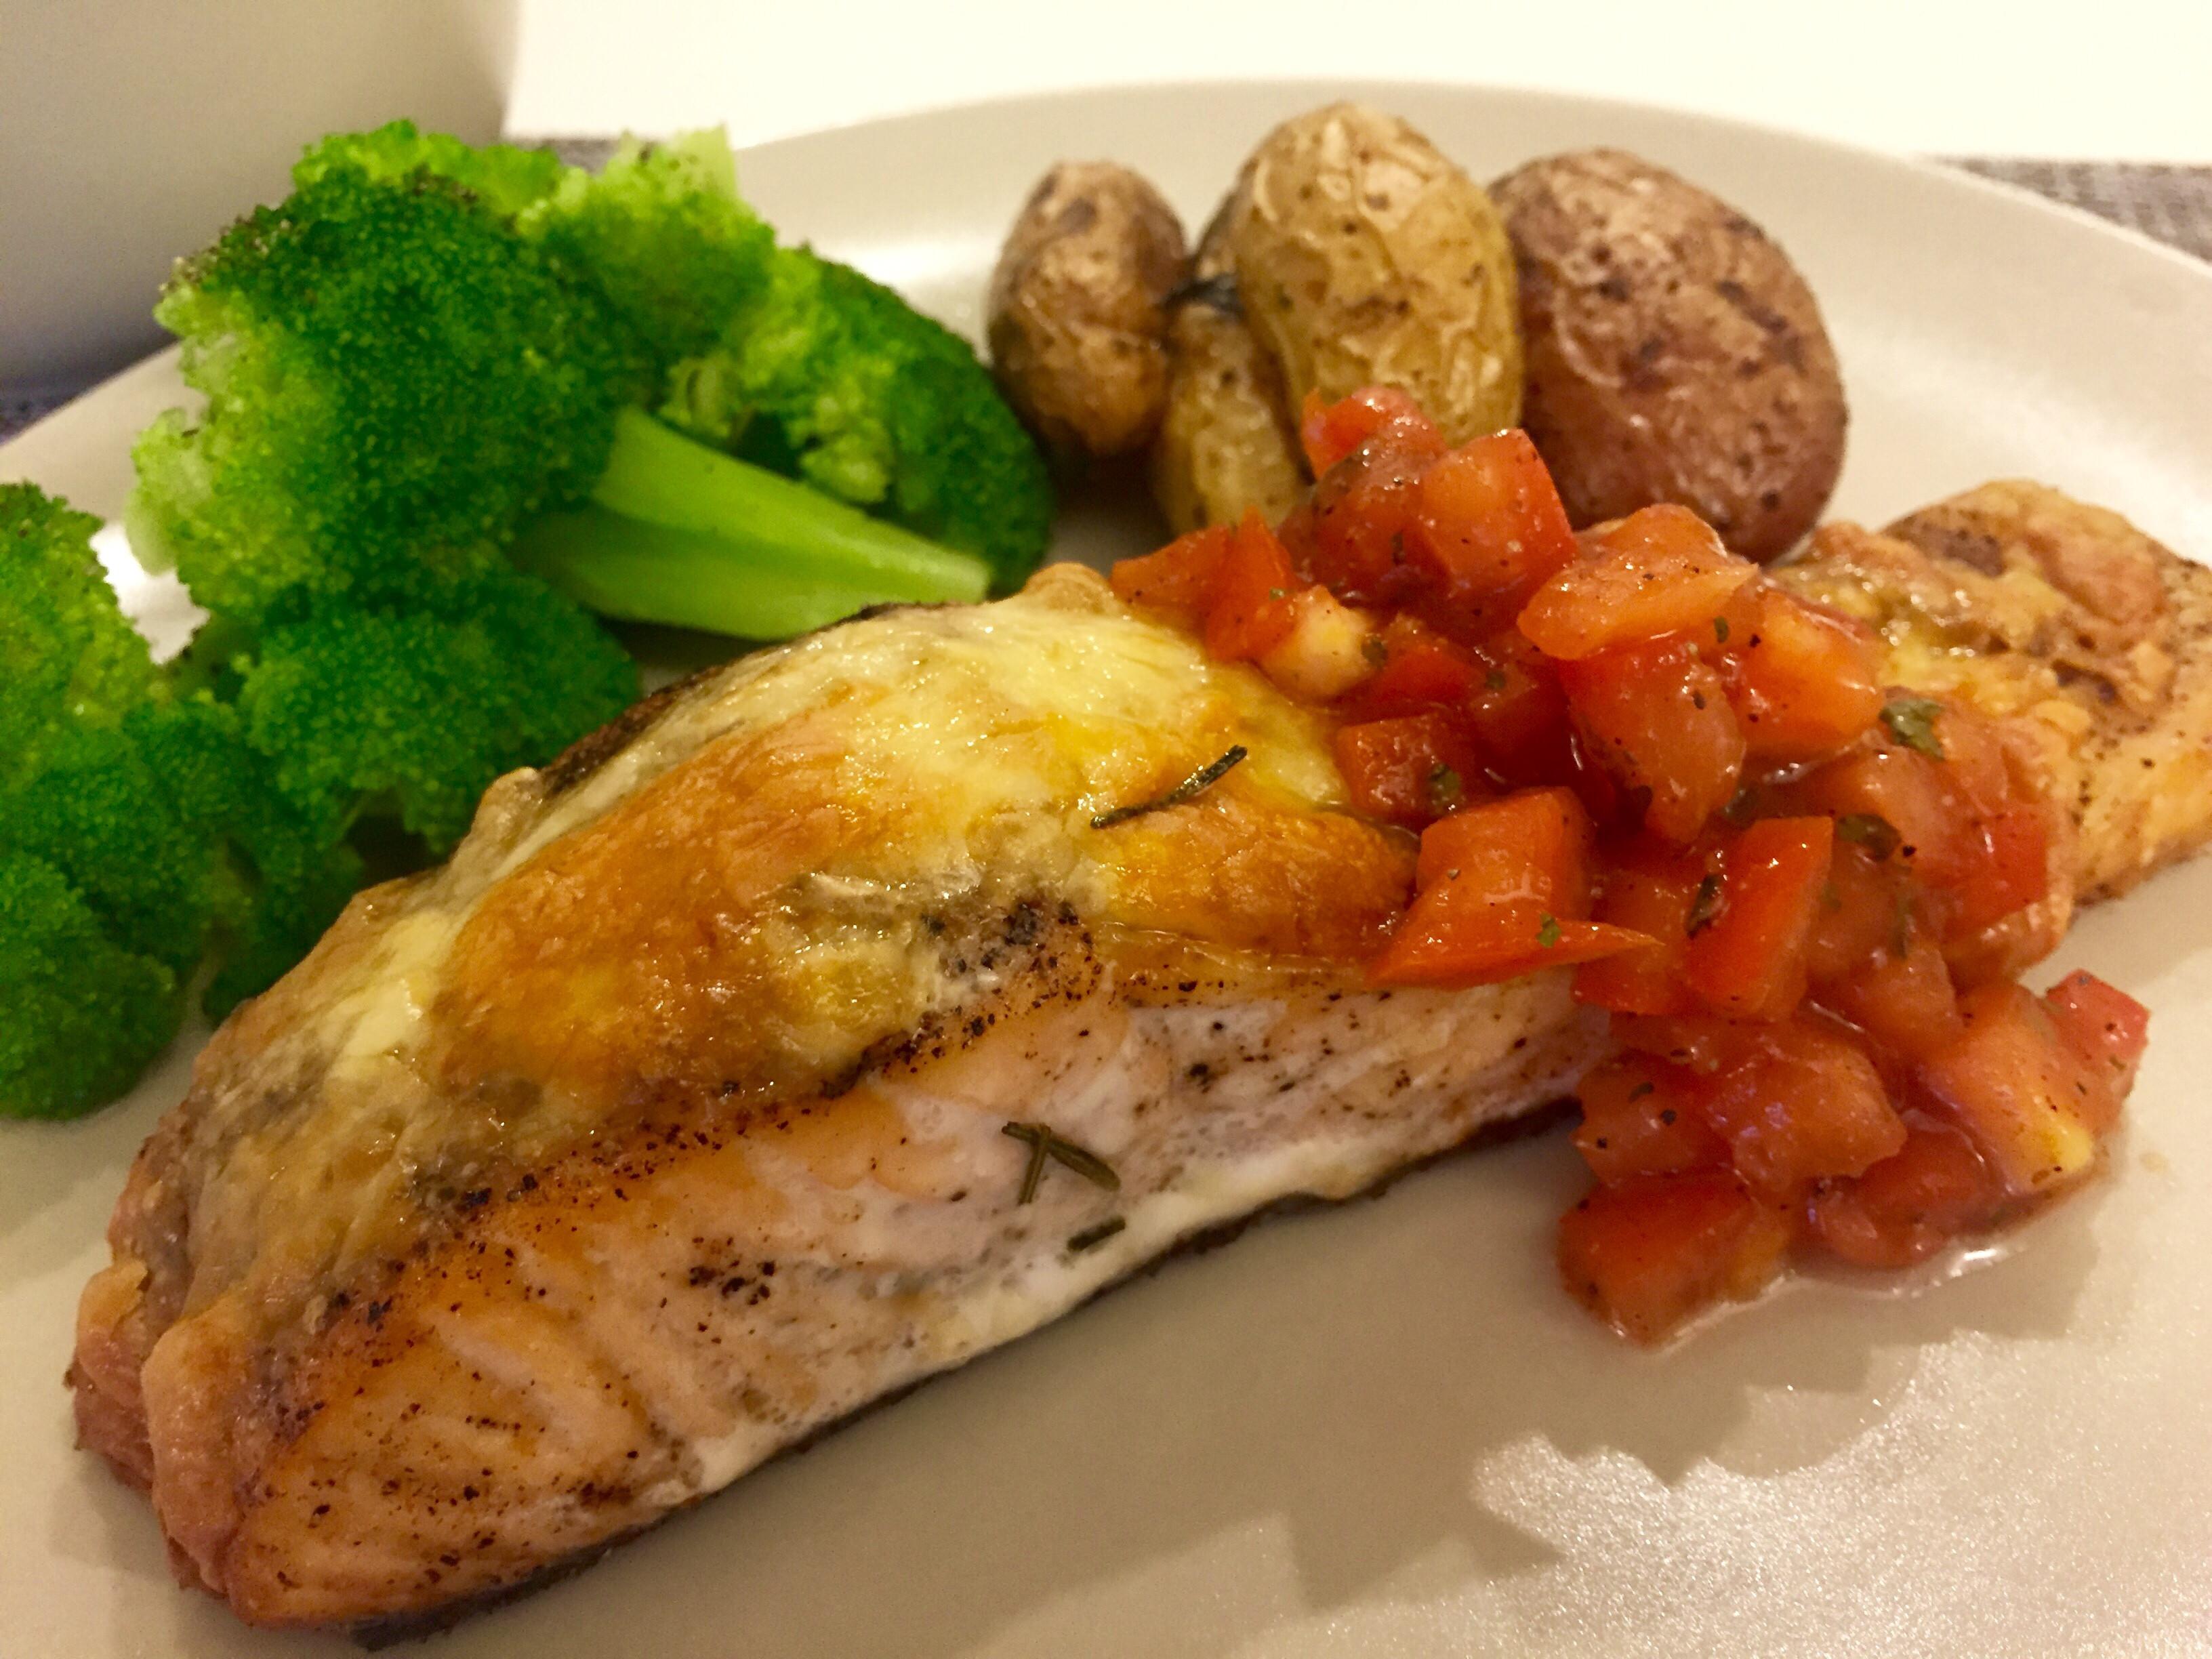 焗烤鮭魚佐番茄《烤箱料理》